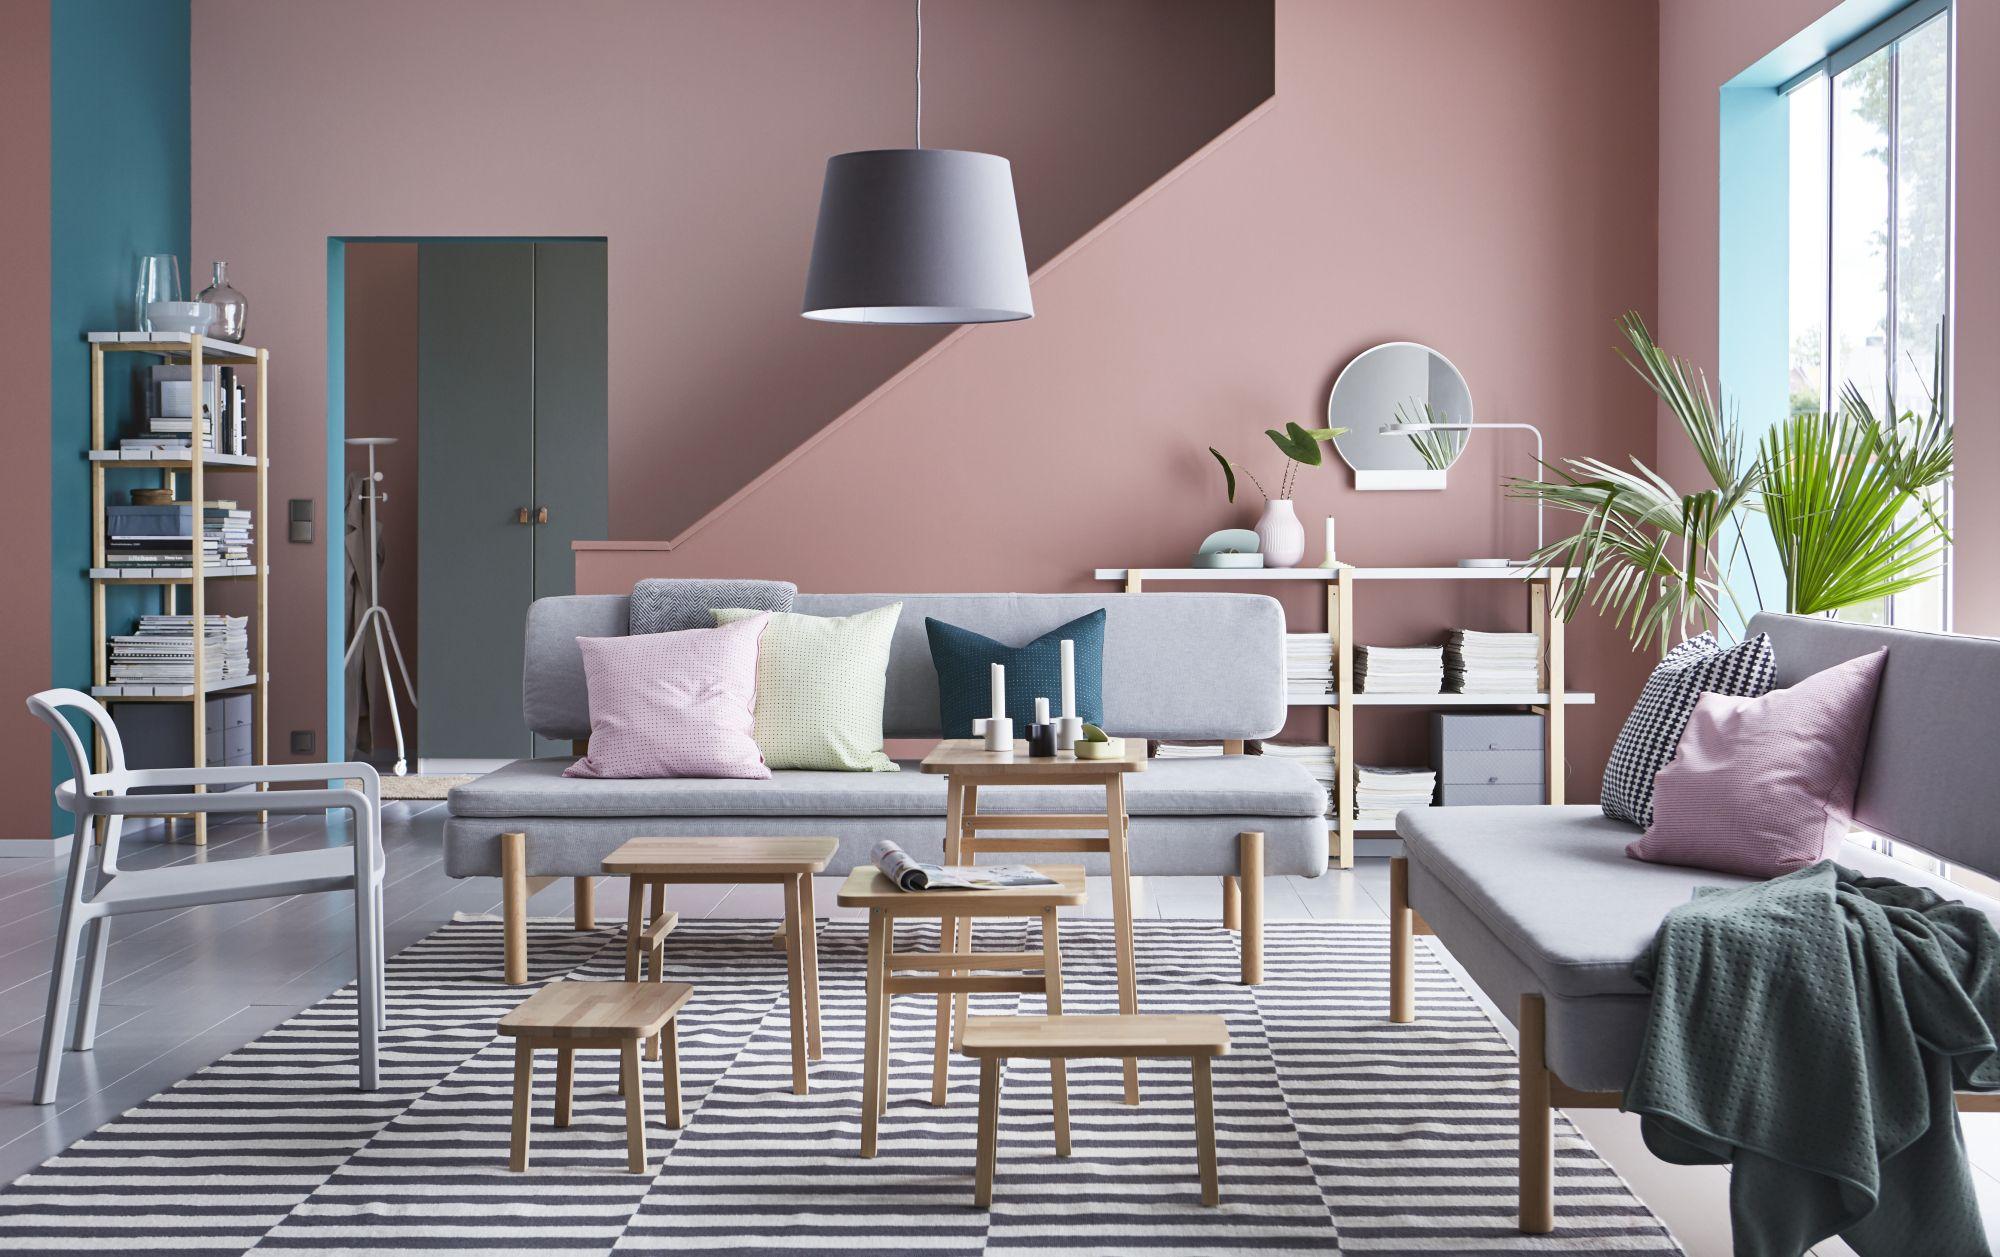 YPPERLIG Kollektion von IKEA | Wohnzimmer inspiration